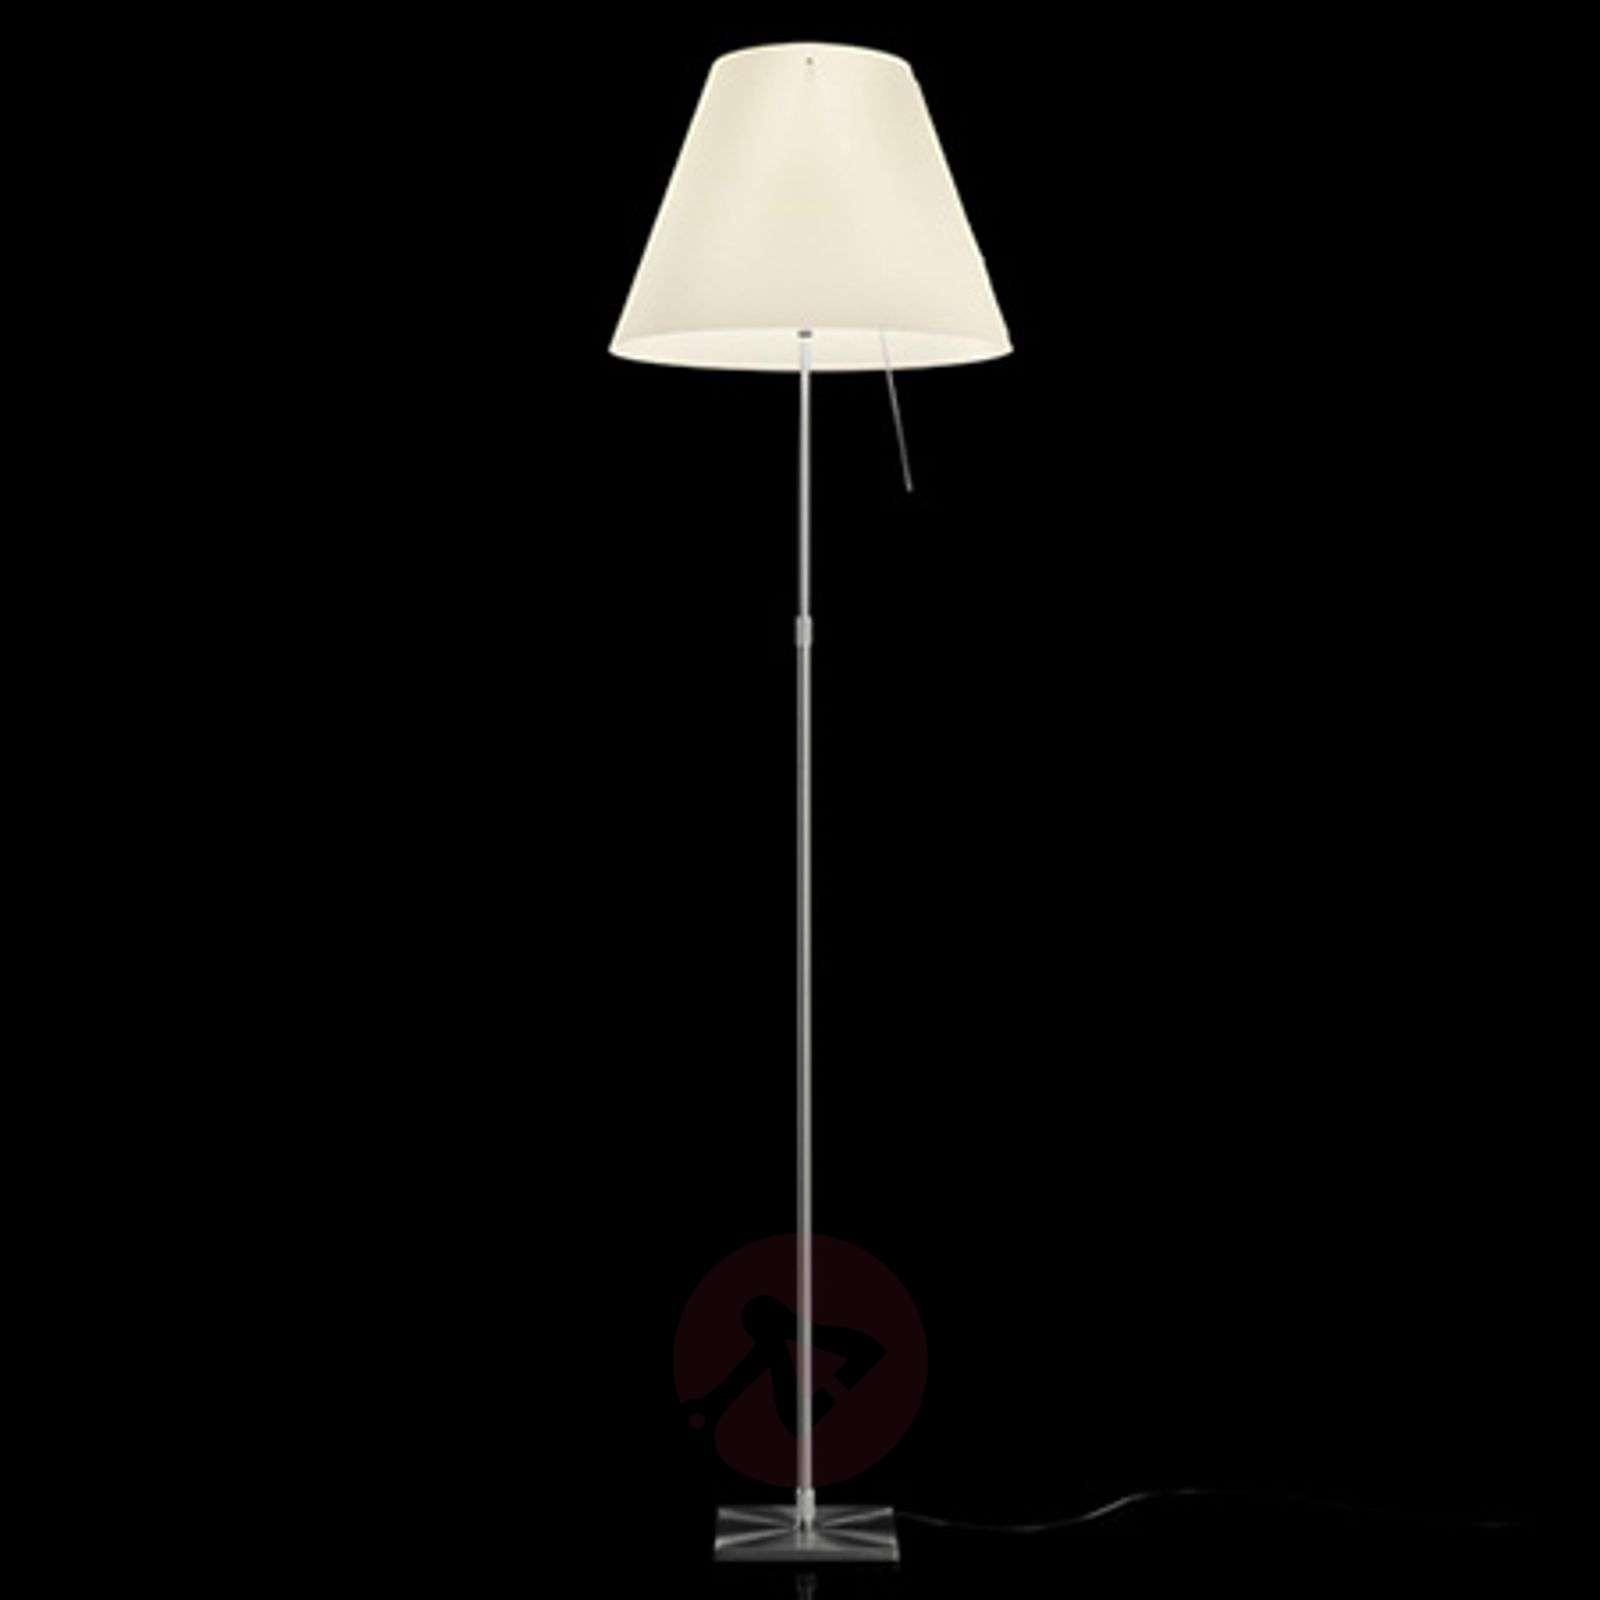 Aesthetic floor lamp Constanza-6030005-01